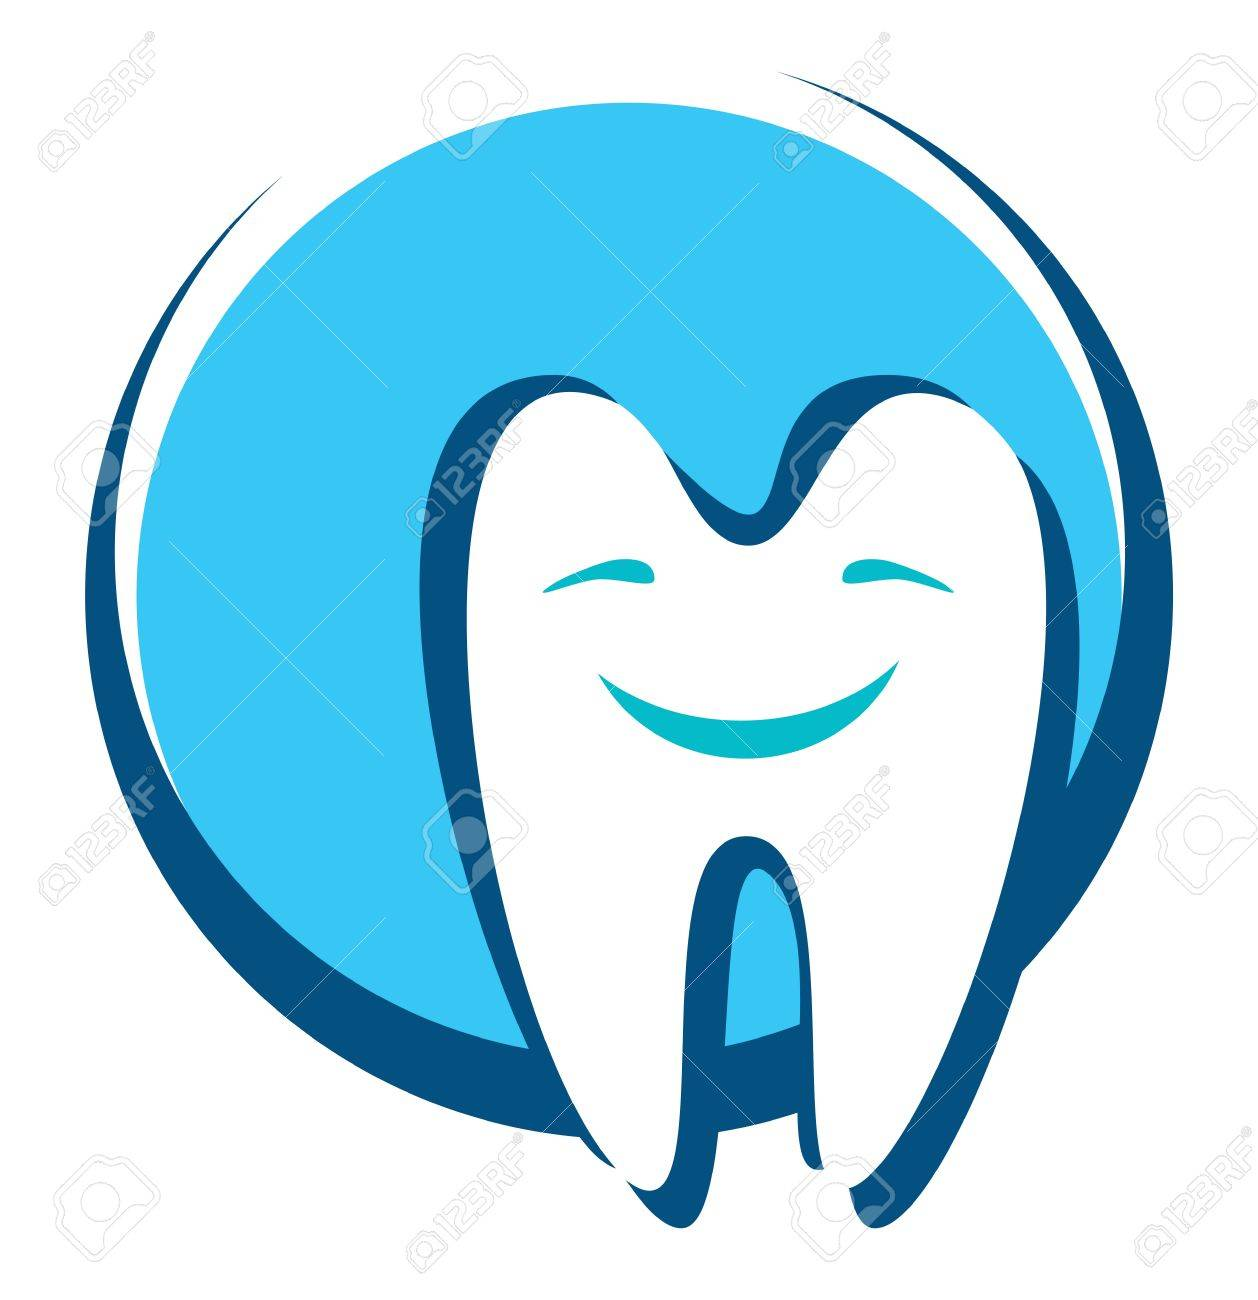 dental icon Stock Vector - 18094771